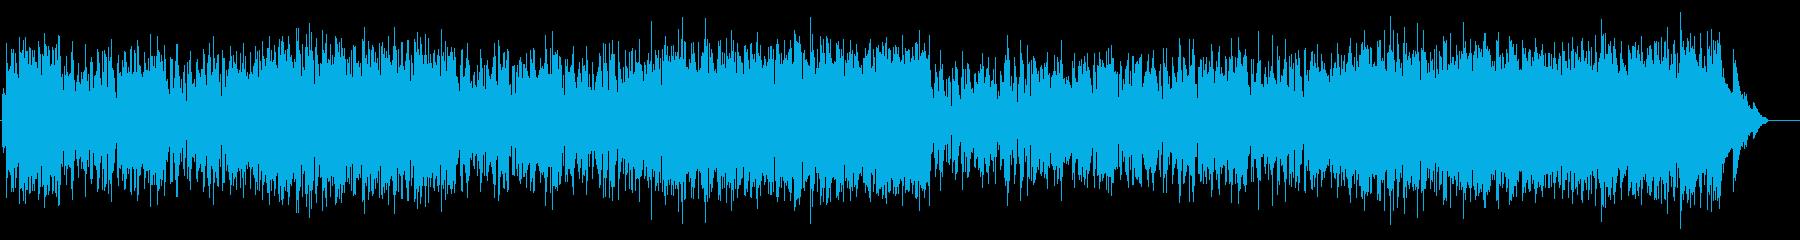 繊細でメロウなアメリカナイズ・サウンドの再生済みの波形